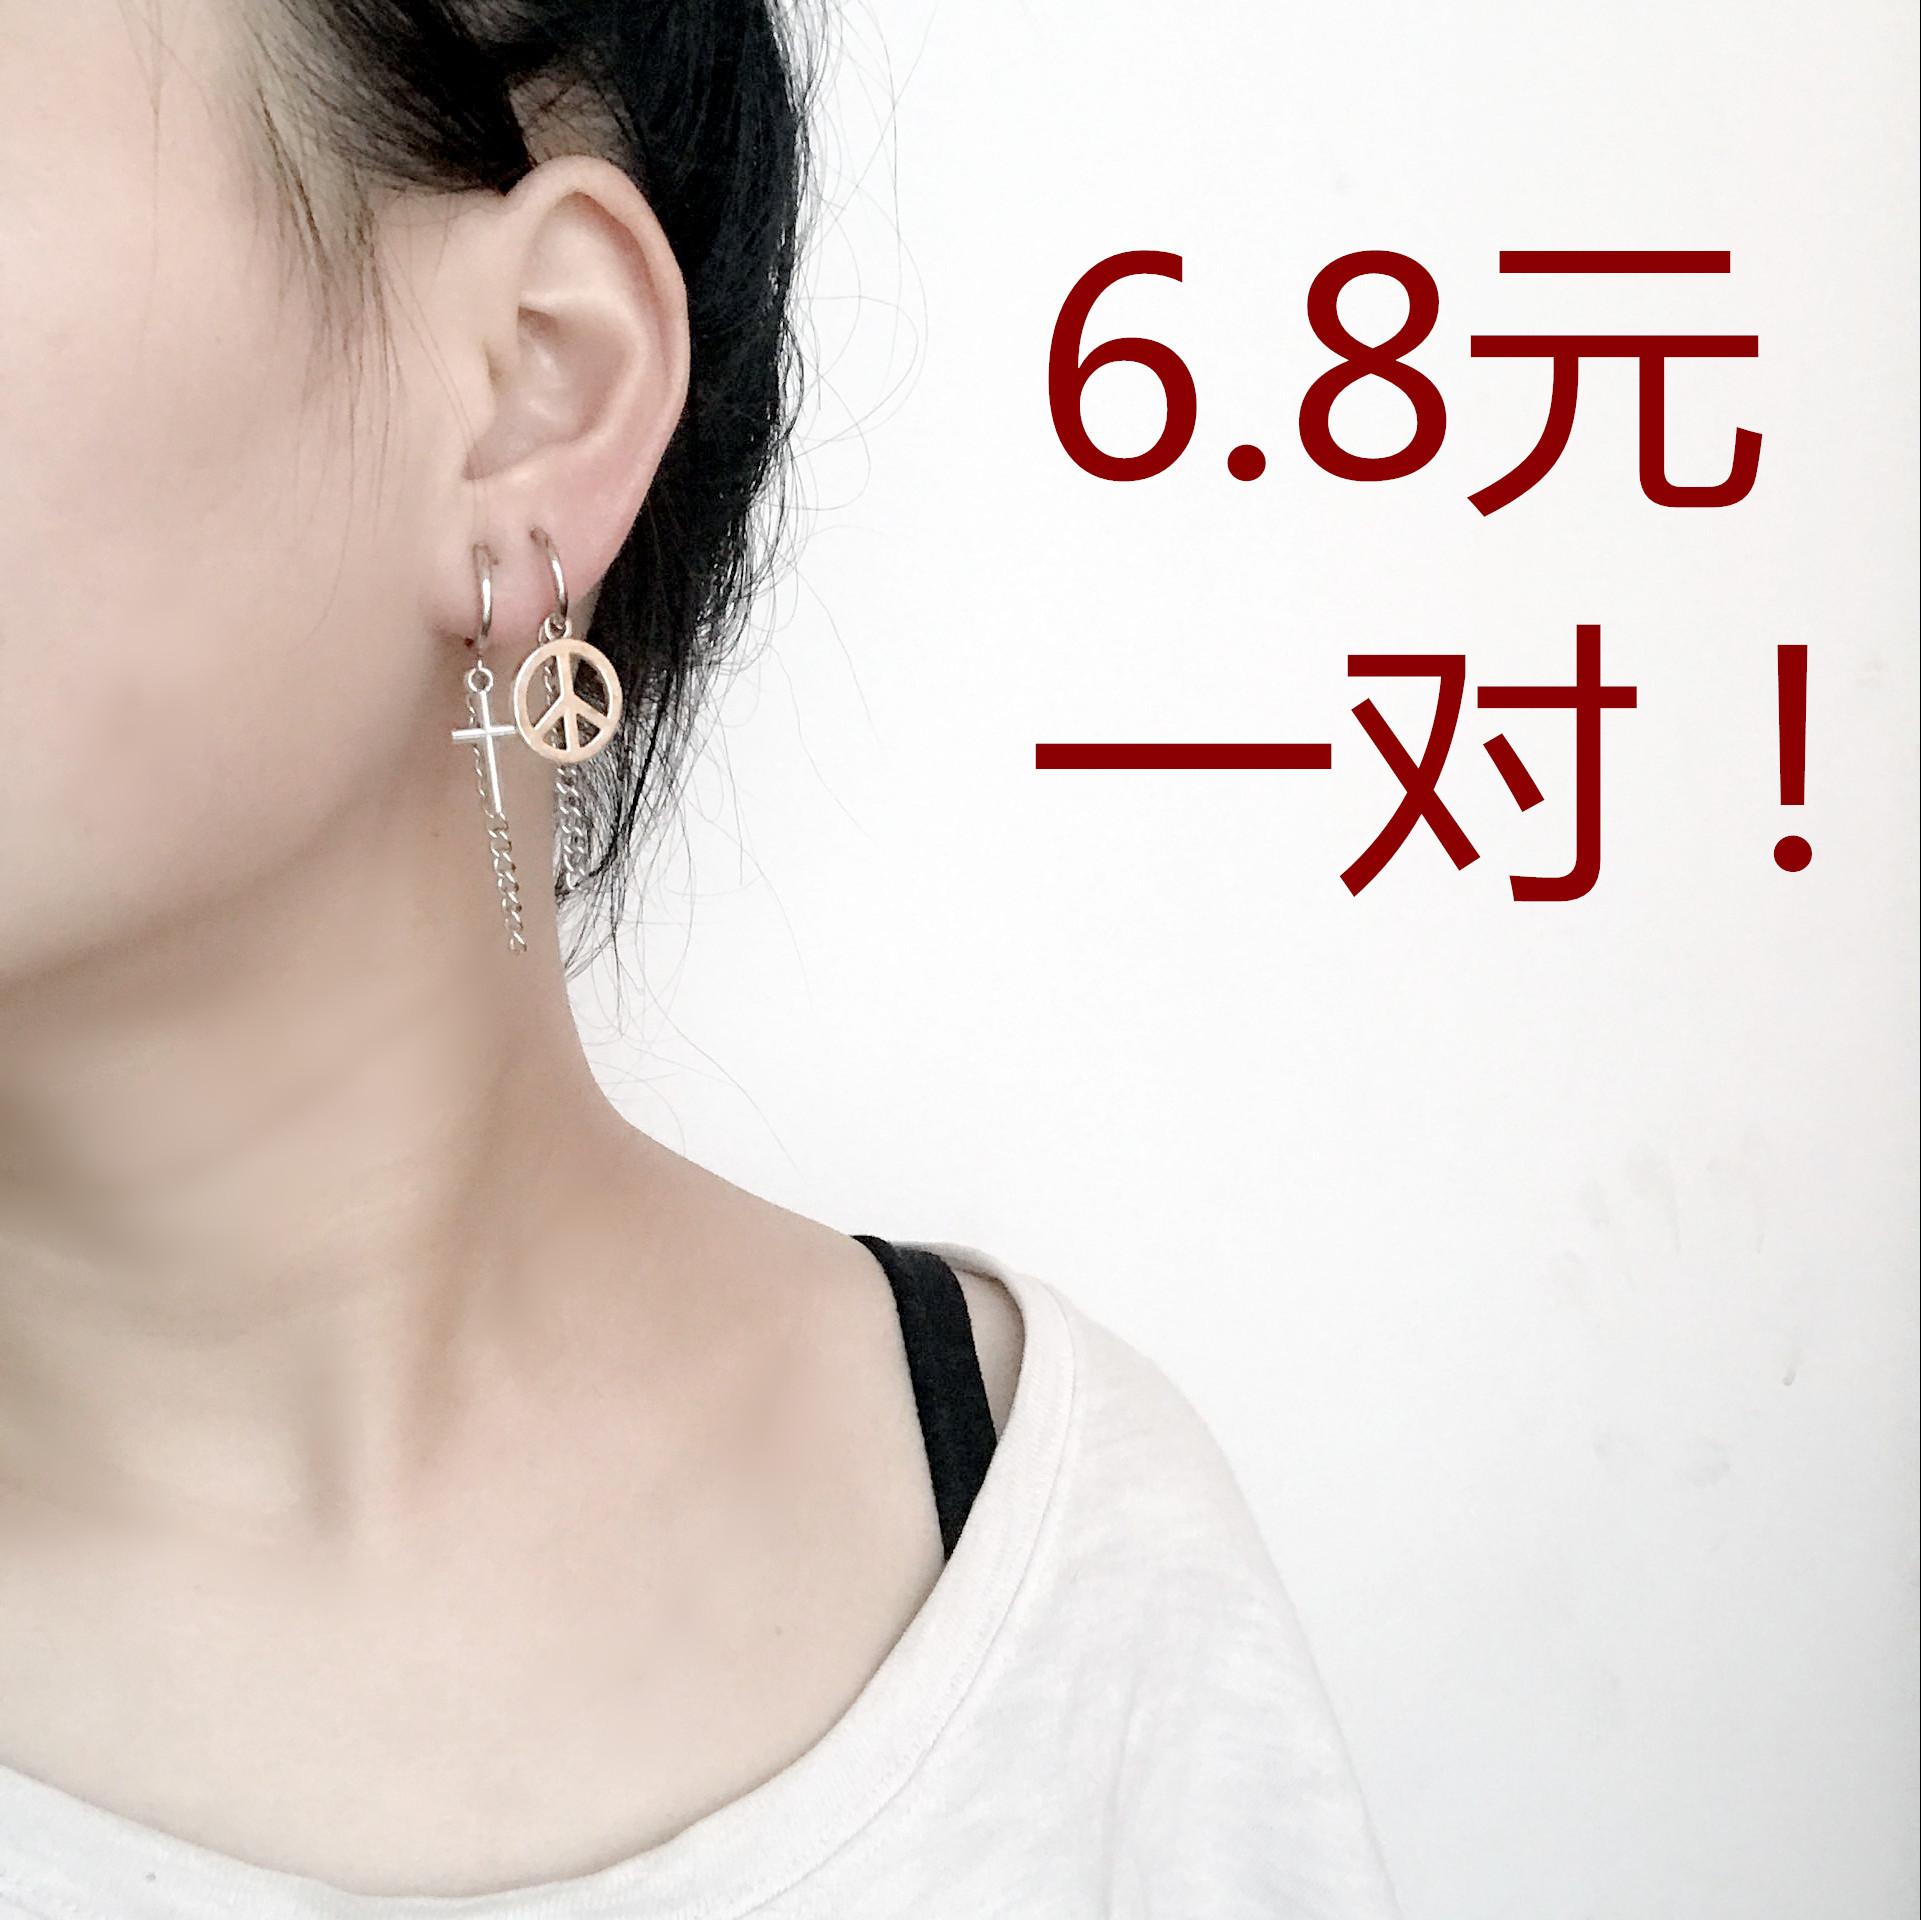 做旧字母爱心和平十字麻叶别针链条耳圈耳环复古耳钉无耳洞耳骨夹